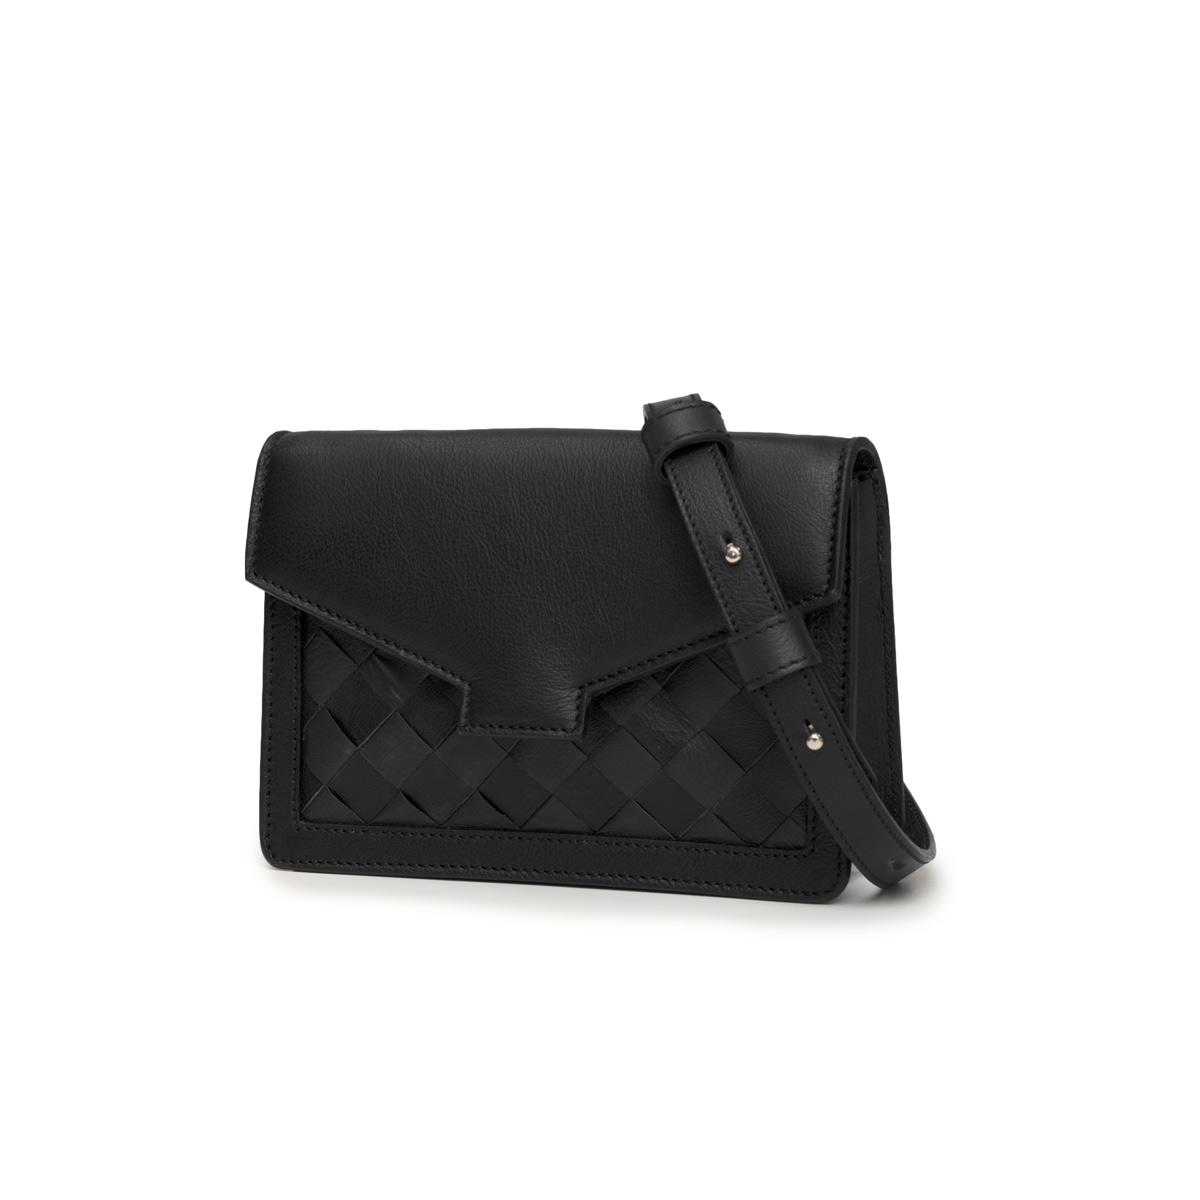 sustainable ethical minimalistic belt bag black